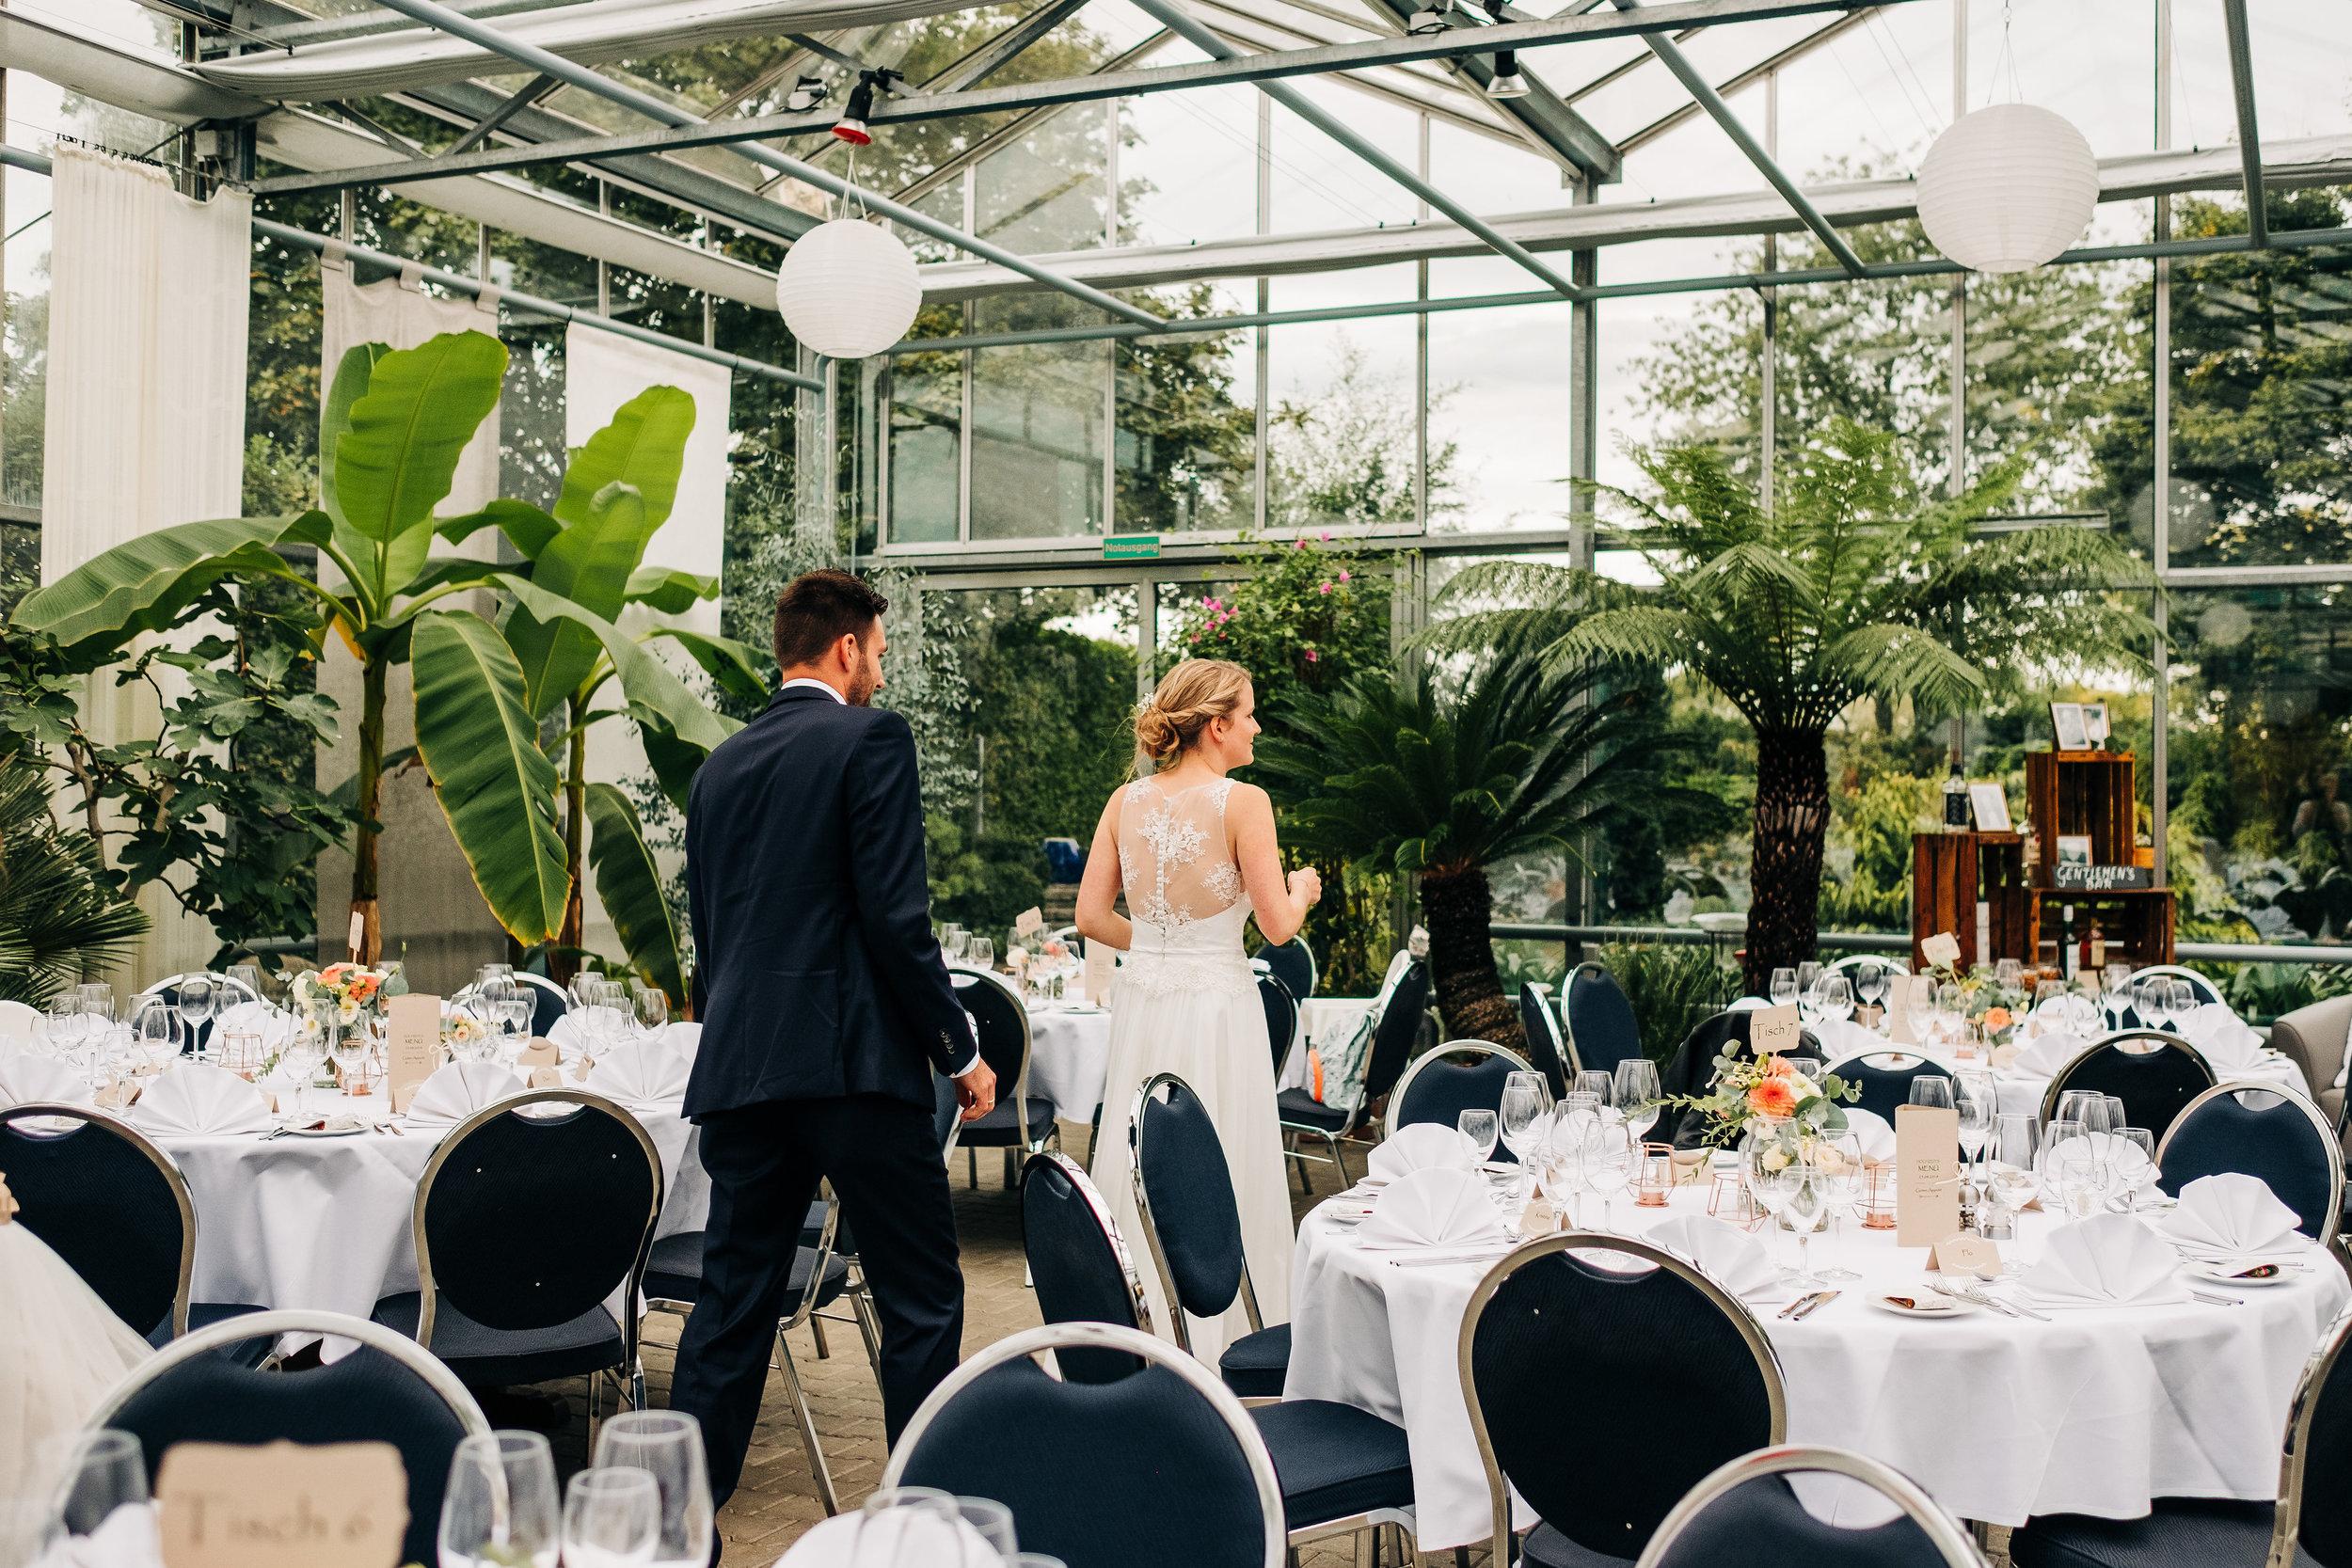 Anna-Hari-Photography-Hochzeitsfotografie-U&H-935.jpg